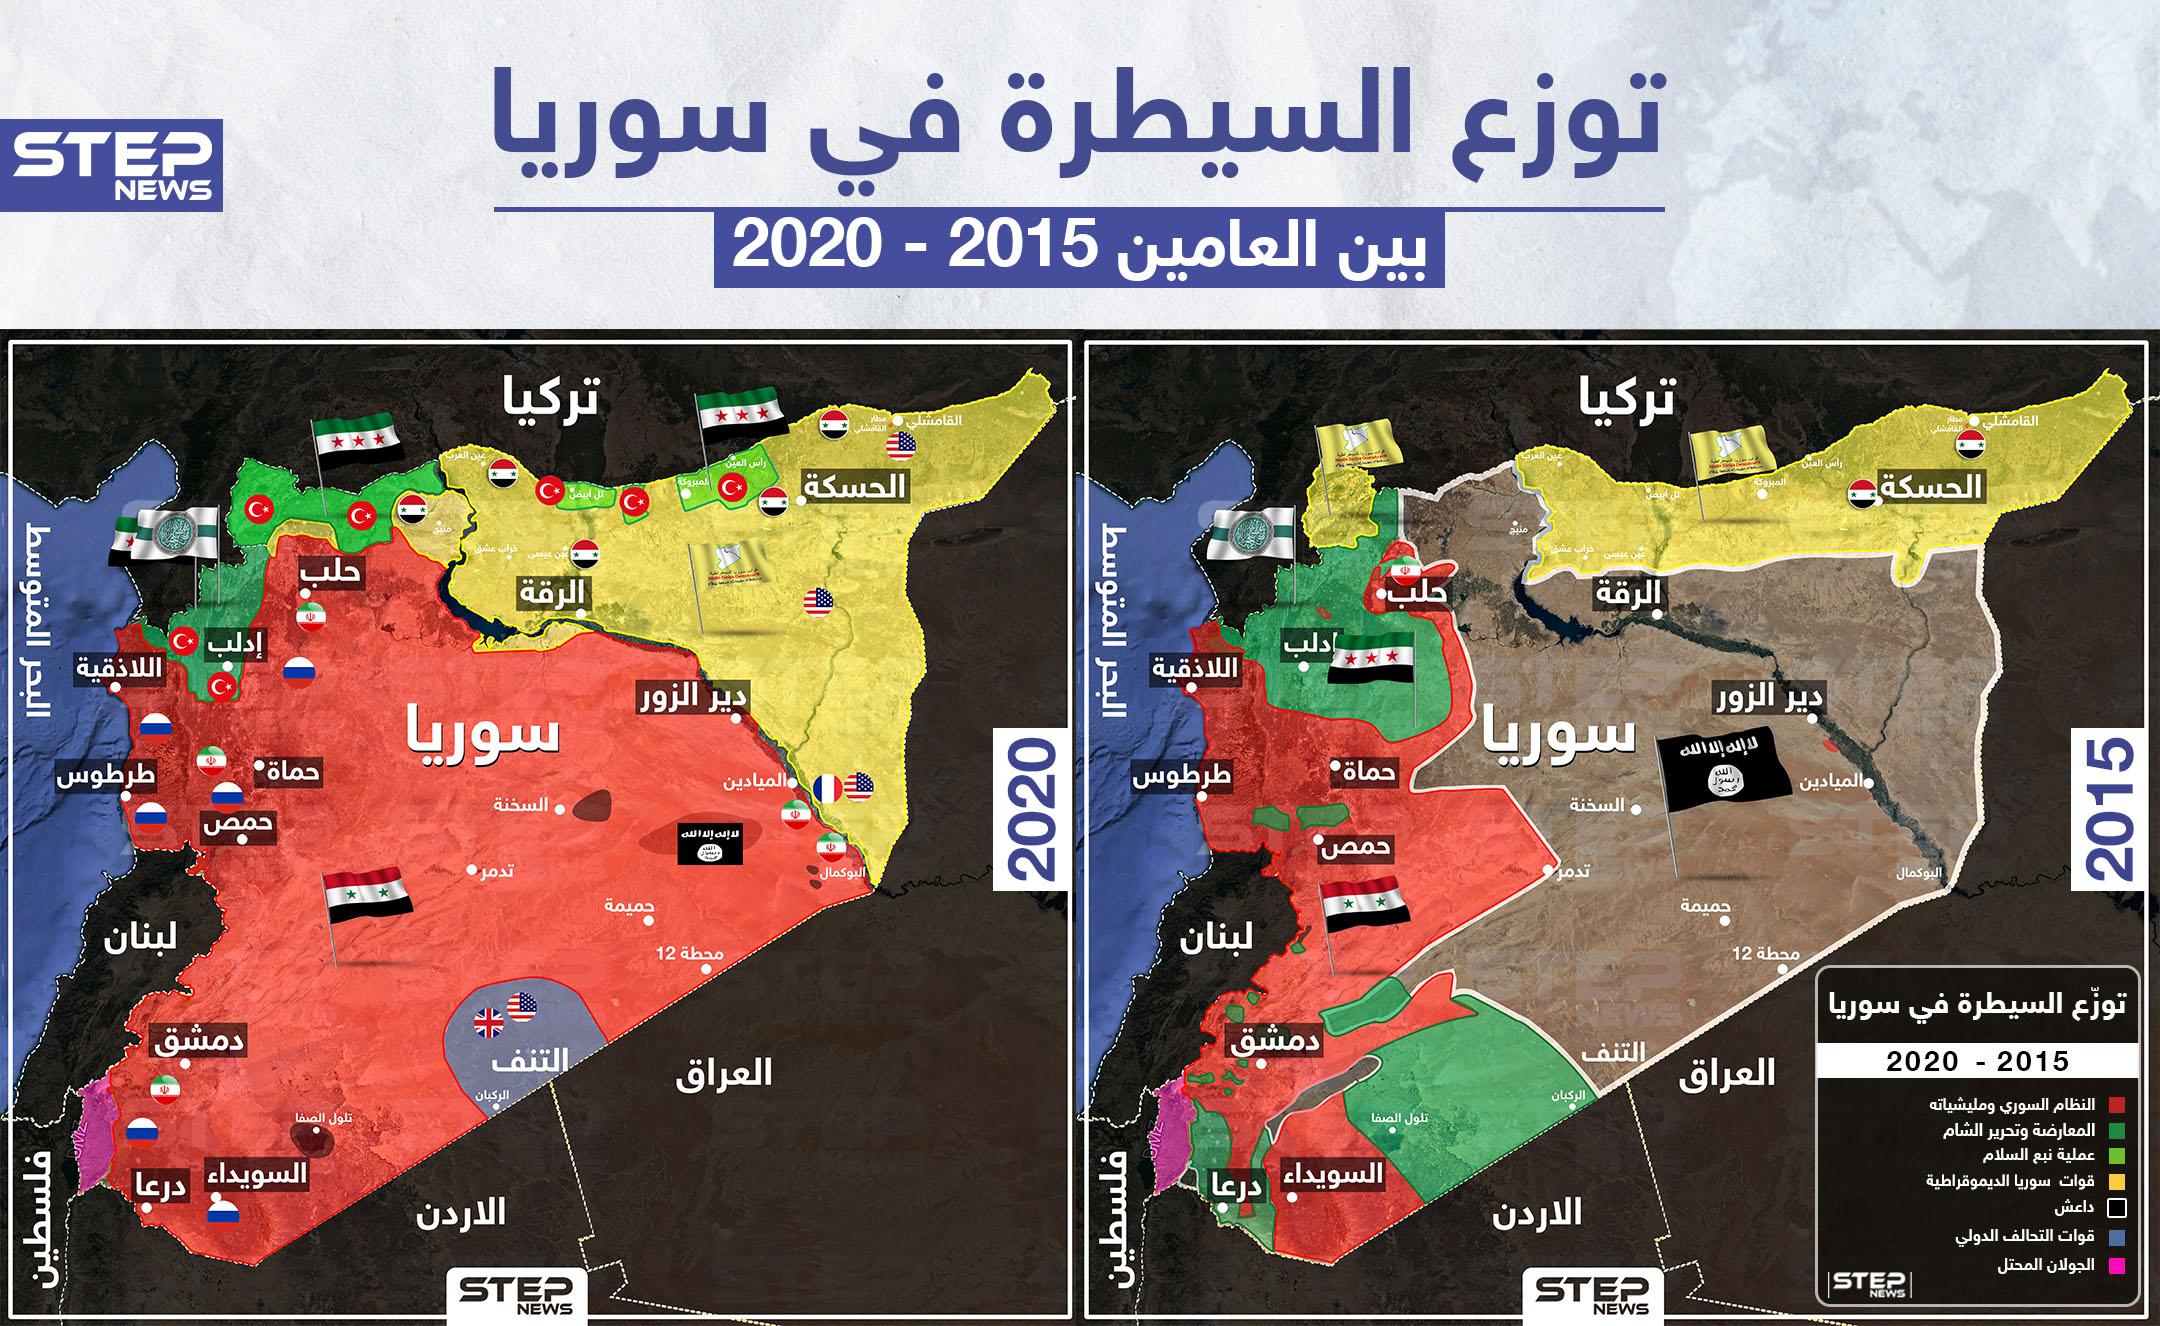 توزع السيطرة على الأراضي السورية خلال الخمسة أعوام الأخيرة